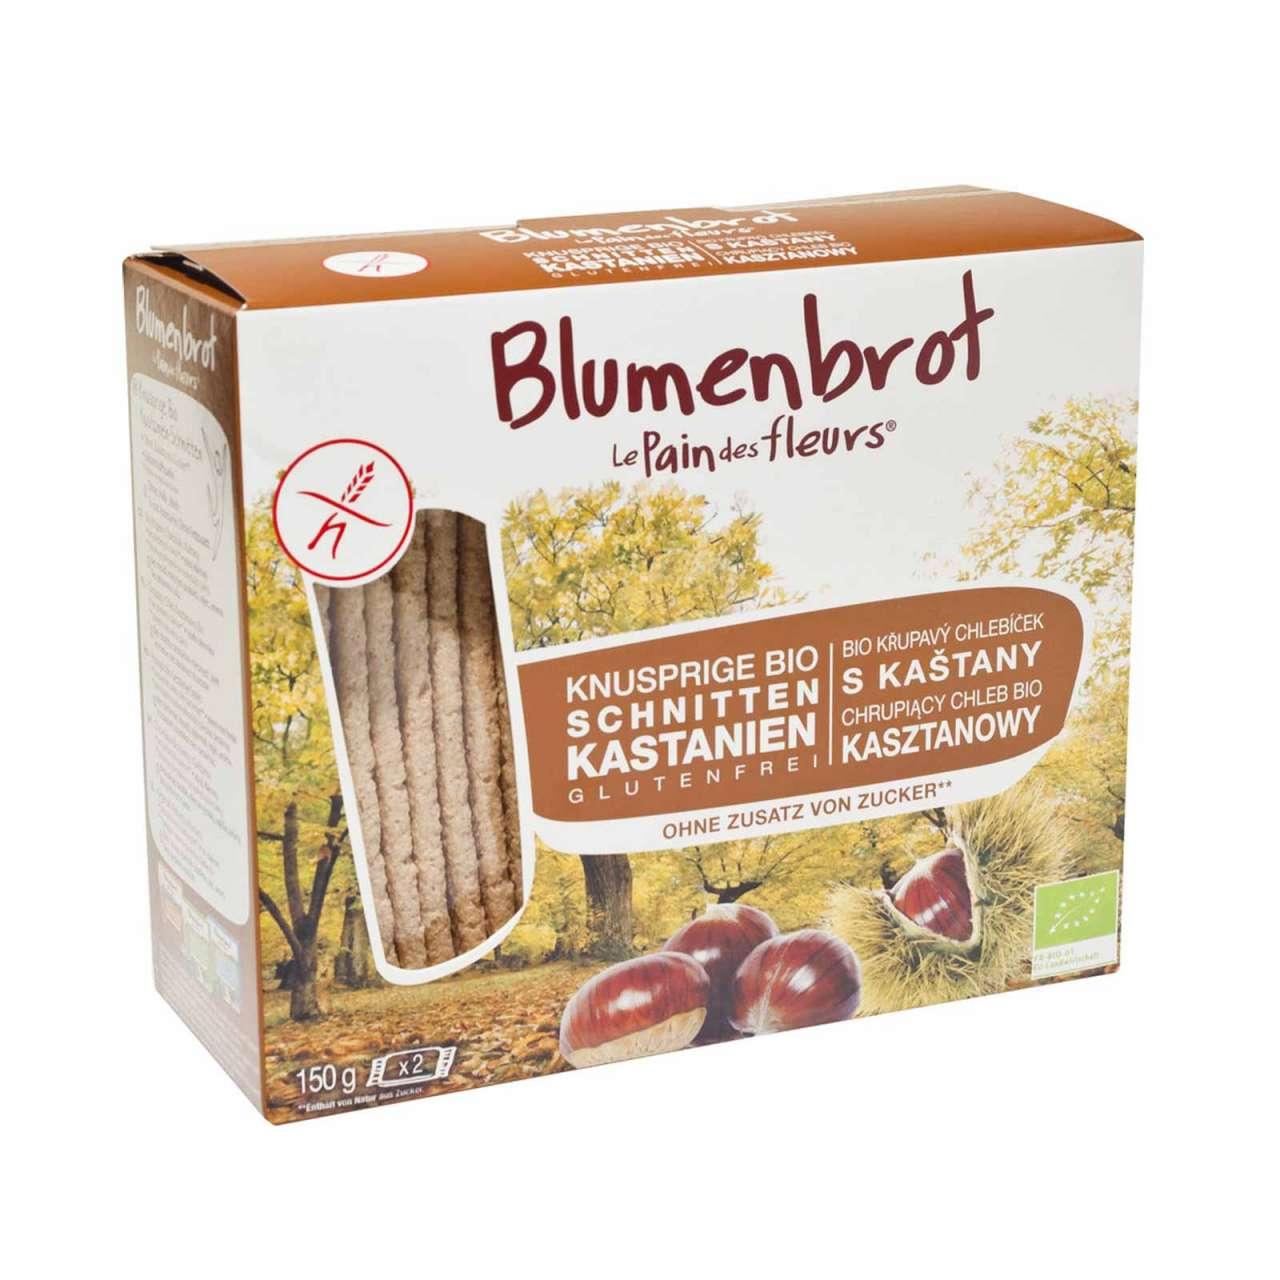 Angebotsbild für Blumenbrot Kastanie: Knuspriges, glutenfreies Brot ohne Hefe von PureNature